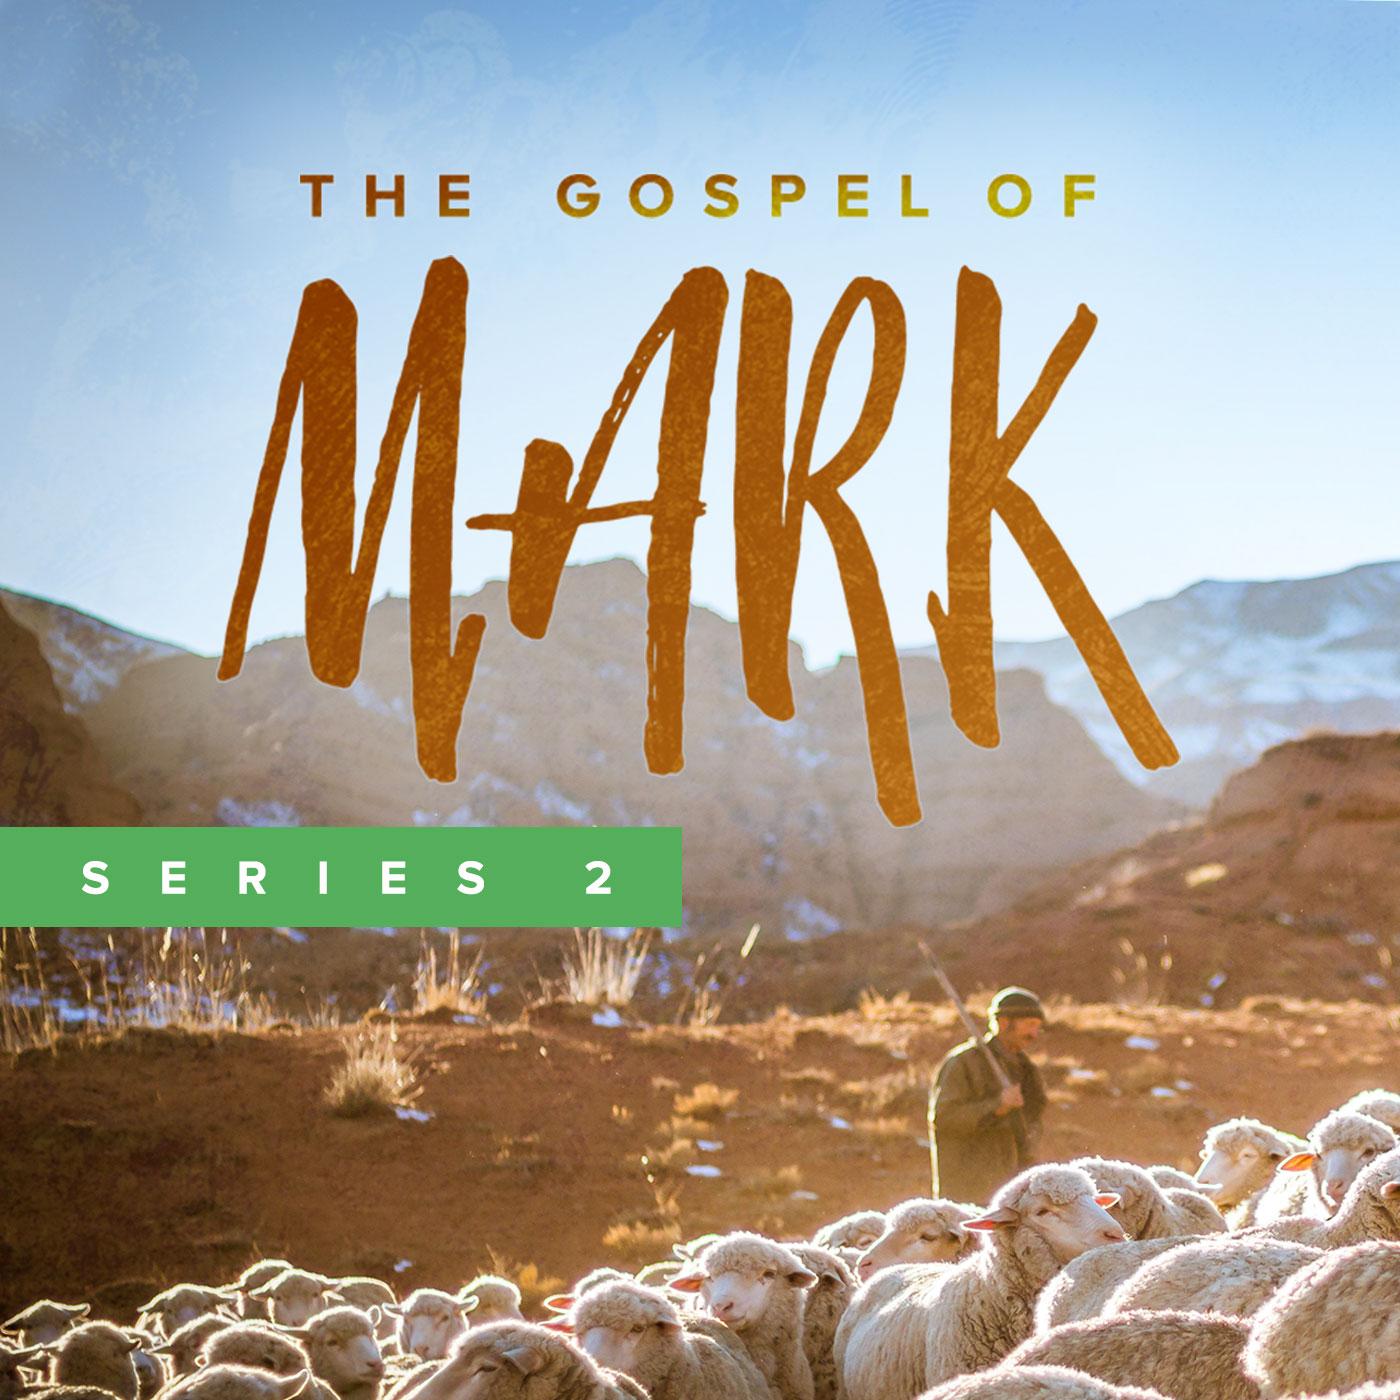 The Gospel of Mark: Series 2